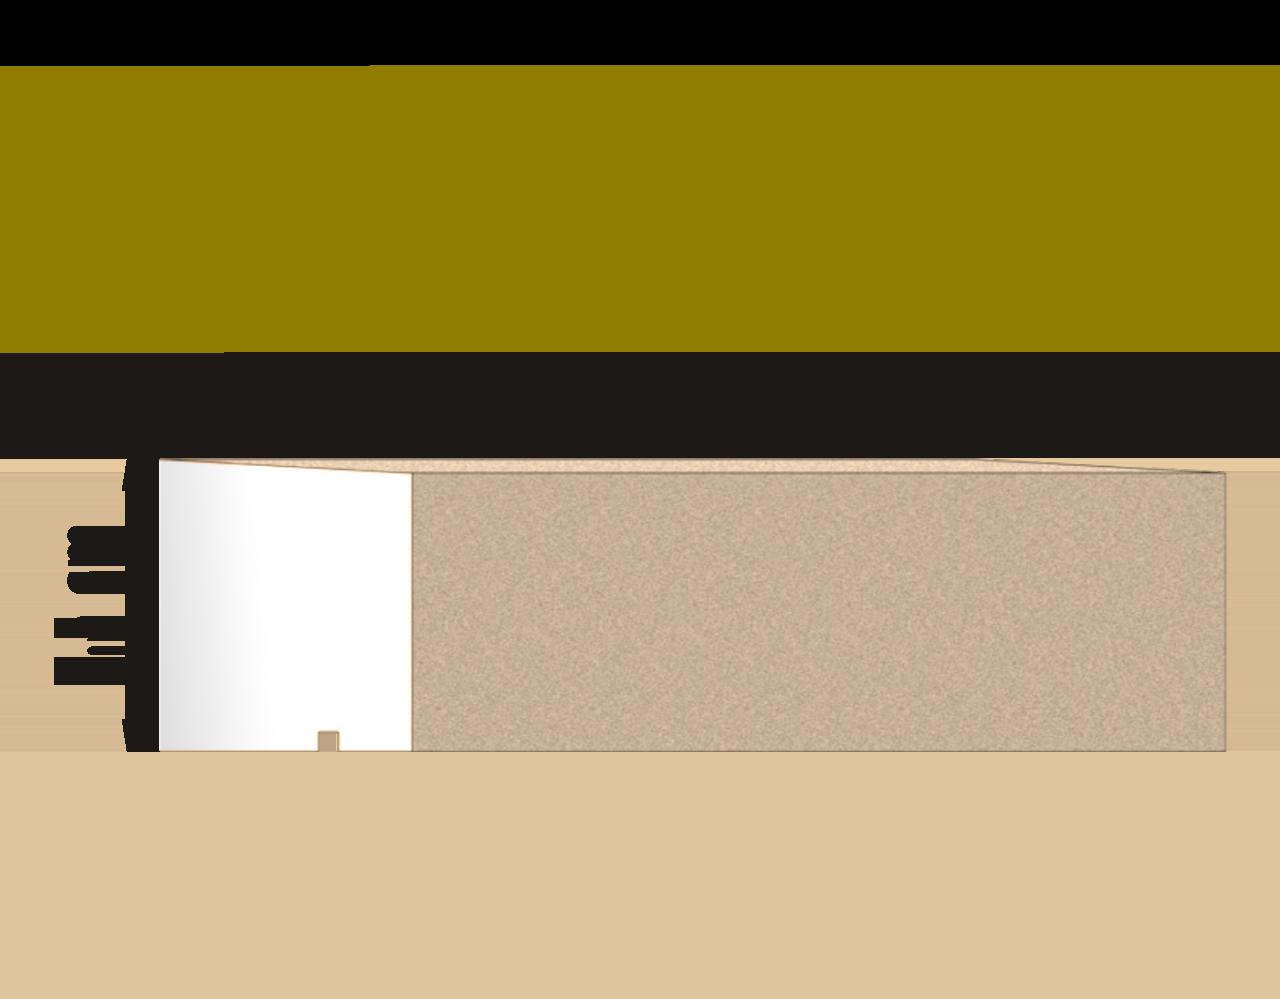 SAN-F-202